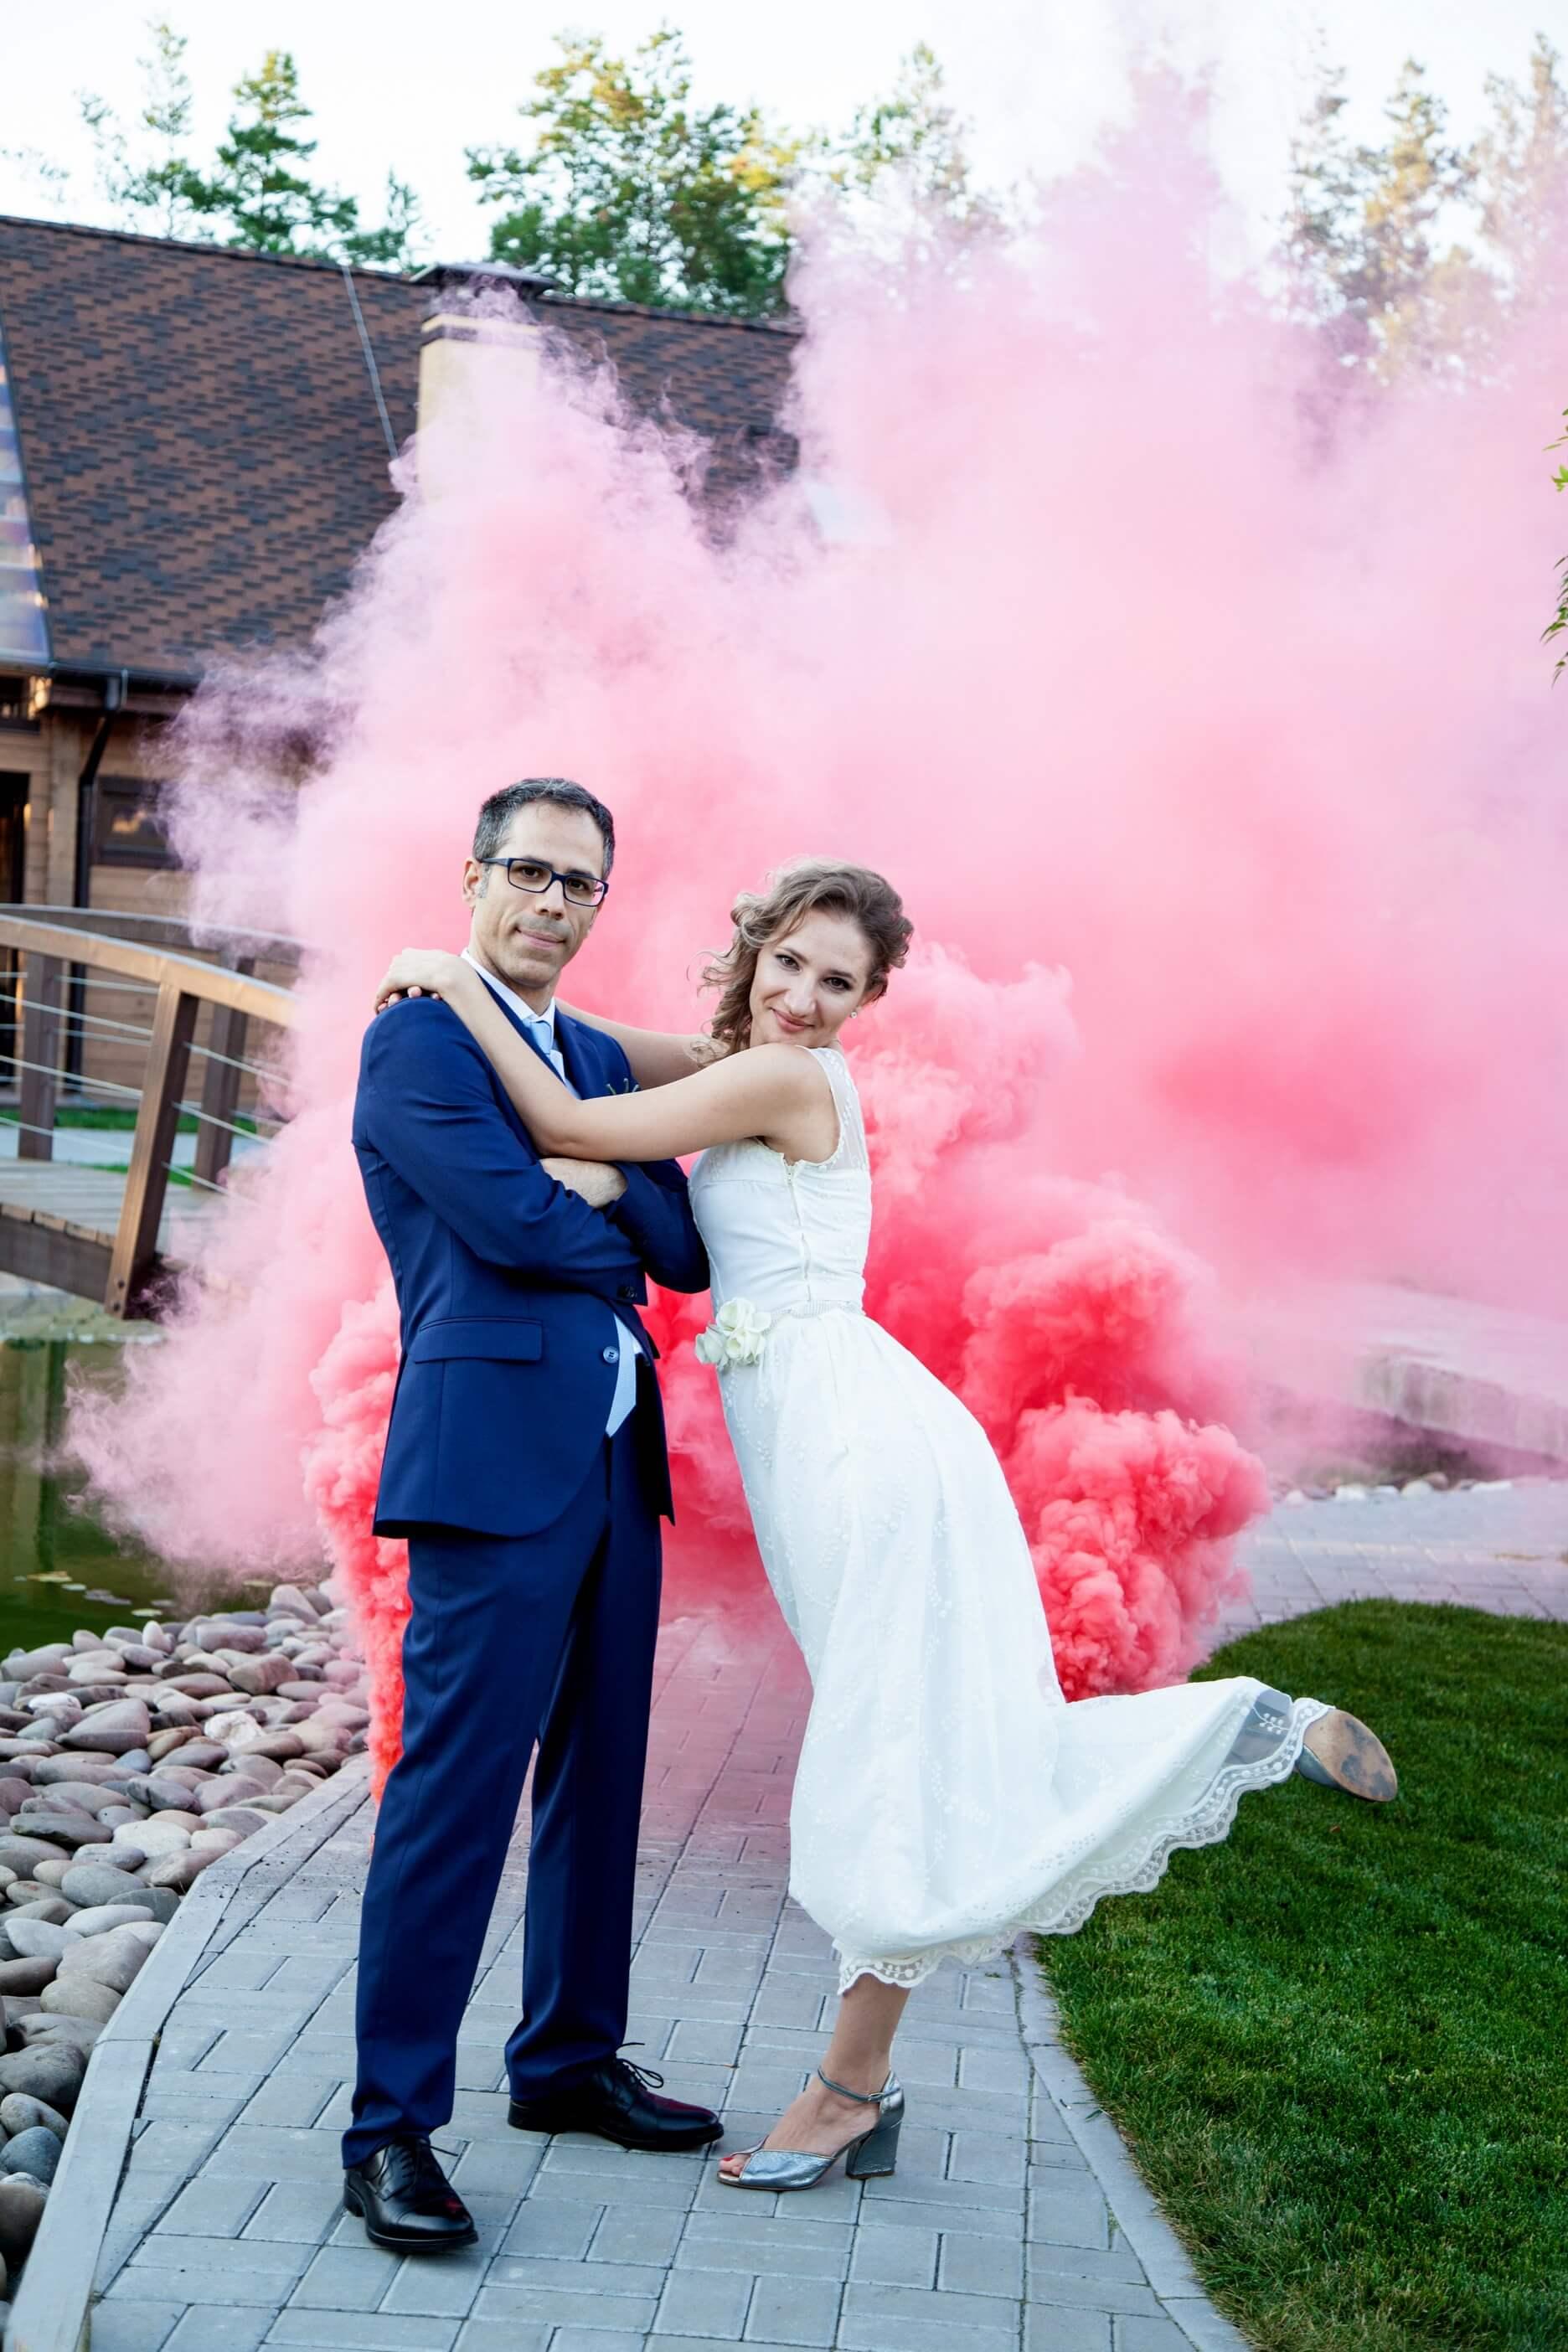 svadebnaja fotosessija s dymovymi shashkami (3)